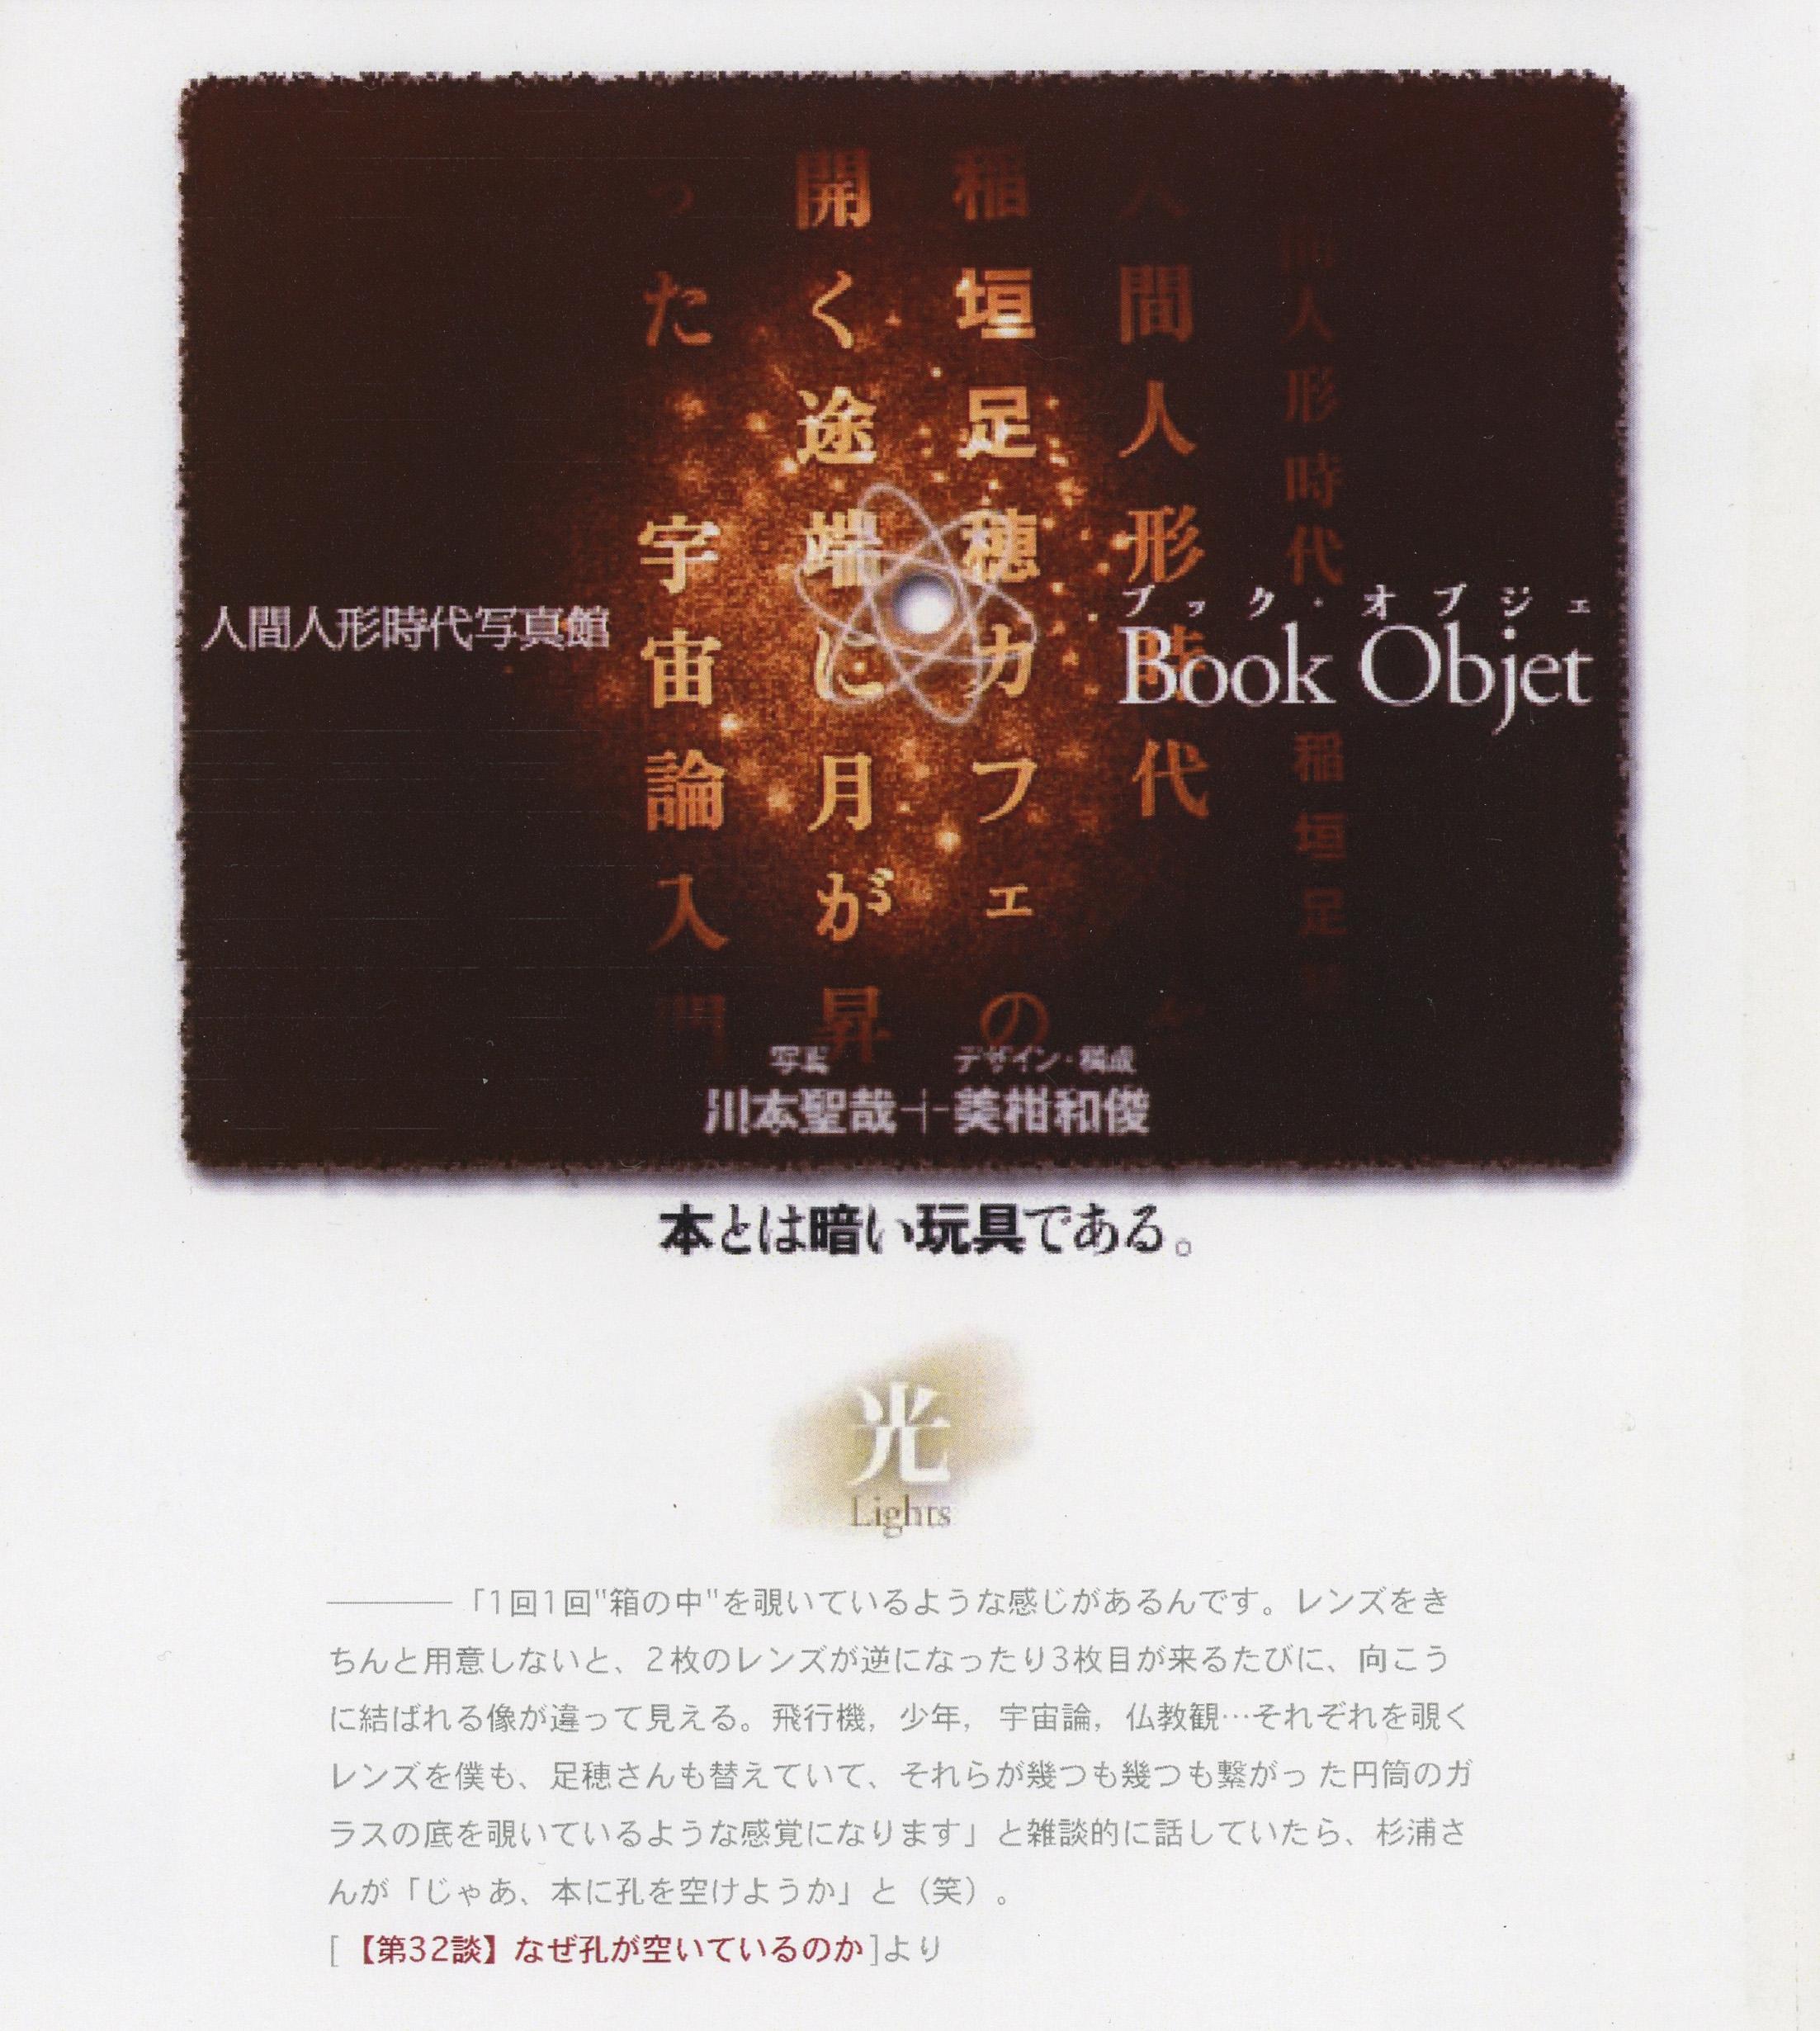 編集工学研究所のウェブサイト「Seigow自著本談」の中で、稲垣足穂『人間人形時代』(工作舎発行)を題材に「光」と「重力」をテーマにして1冊の本を撮りおろした2006年の作品。